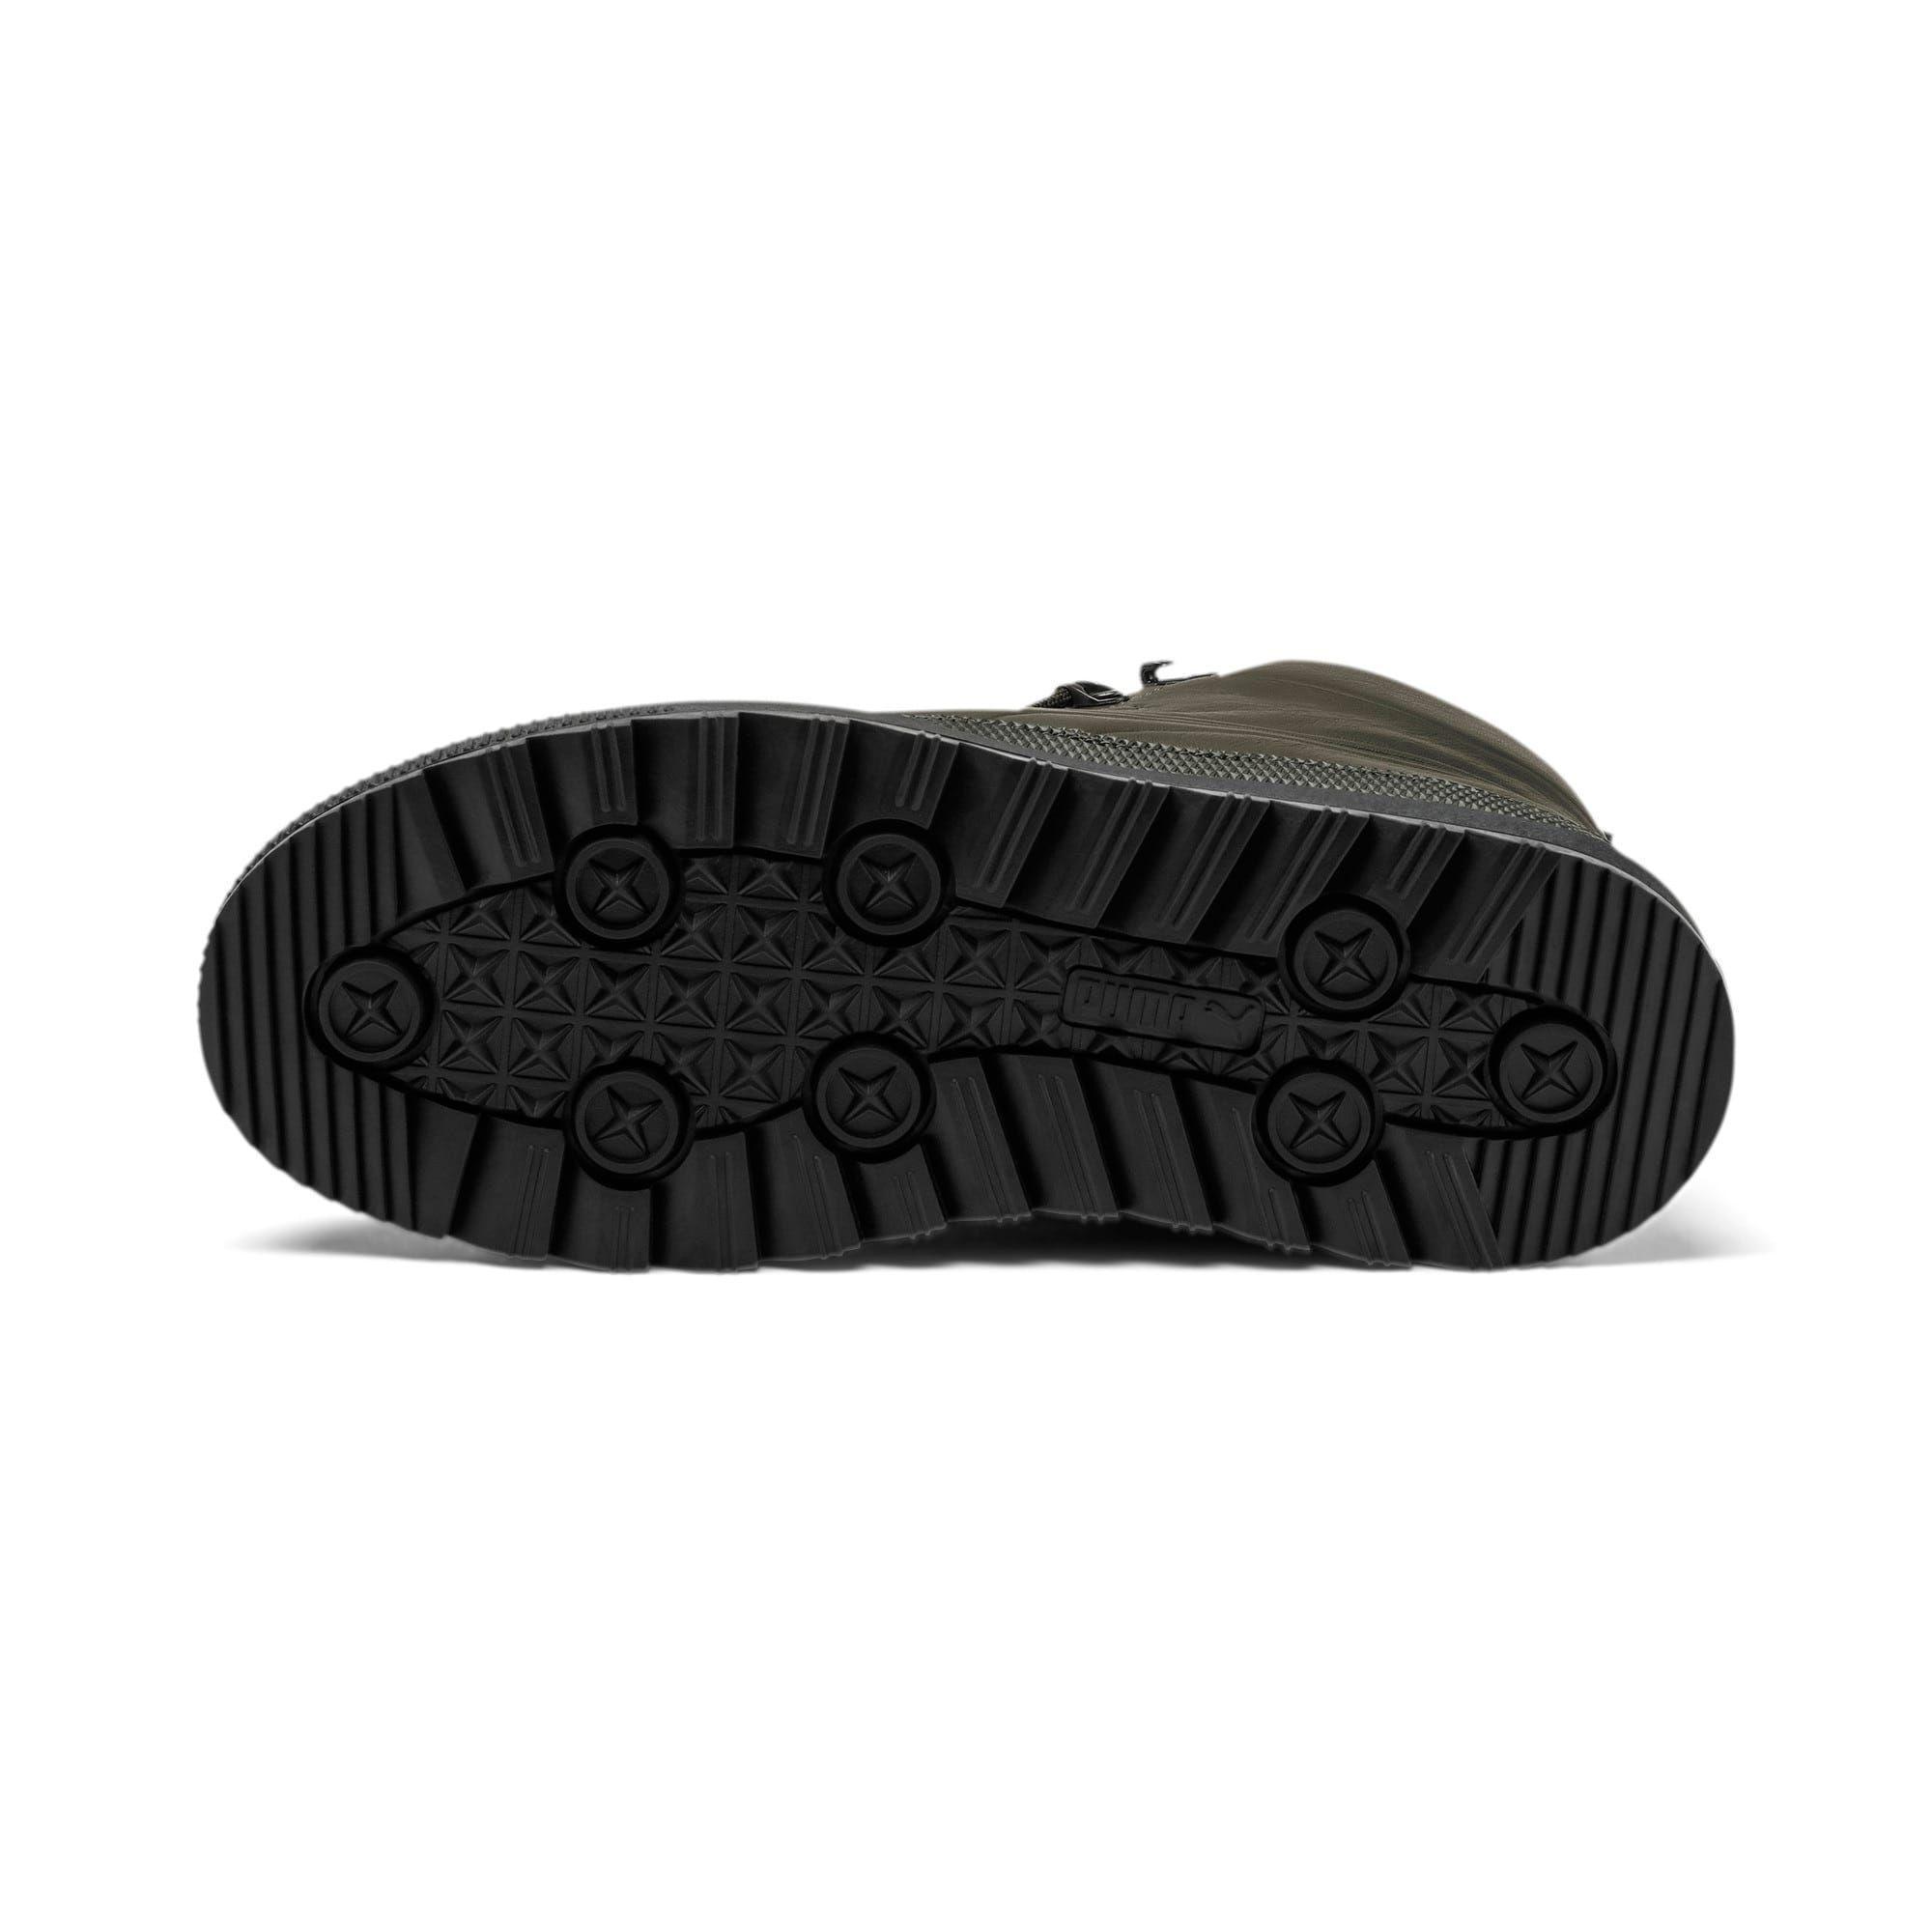 Seguro escribir Ejercicio mañanero  PUMA Evolution The Ren Boots in Forest Night/Black size 10.5 #black #boots # evolution #forest #night   Boots, Puma sale, Puma